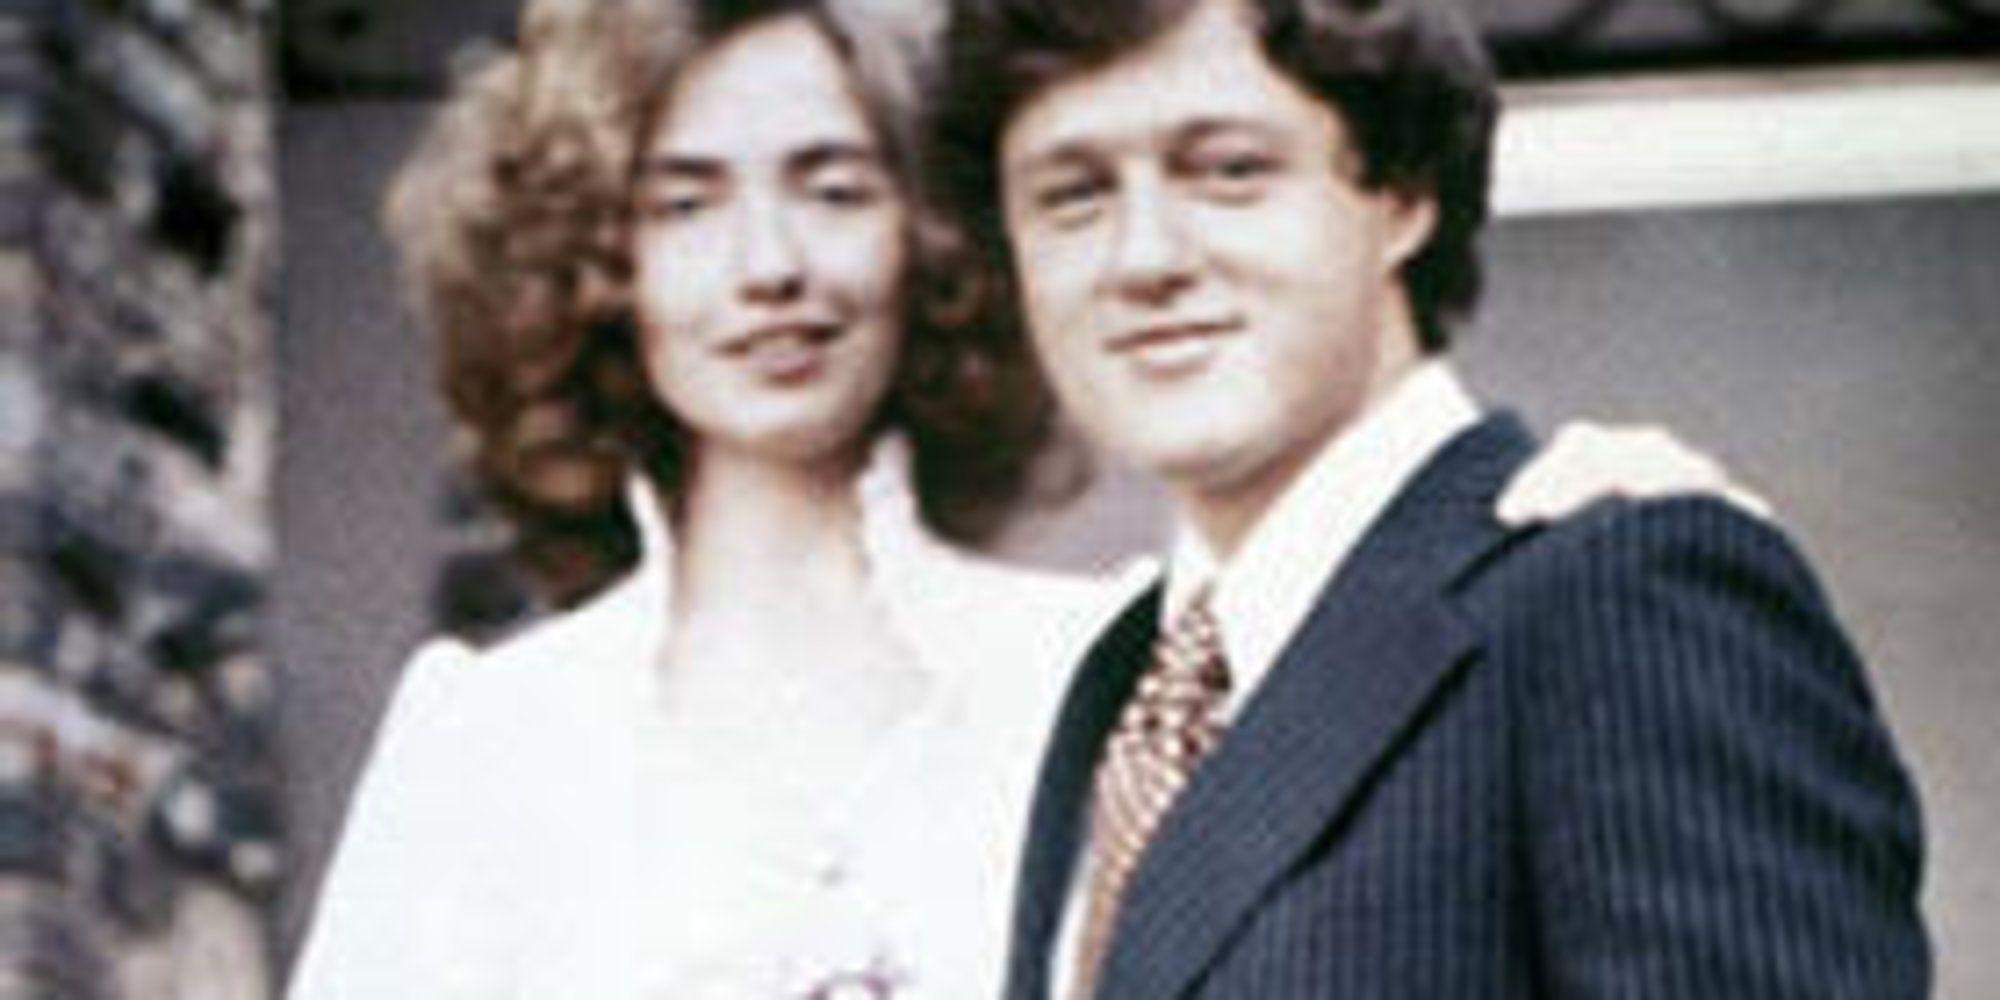 Hereu0027s How Hillary Clintonu0027s Wedding Compares To Donald Trumpu0027s